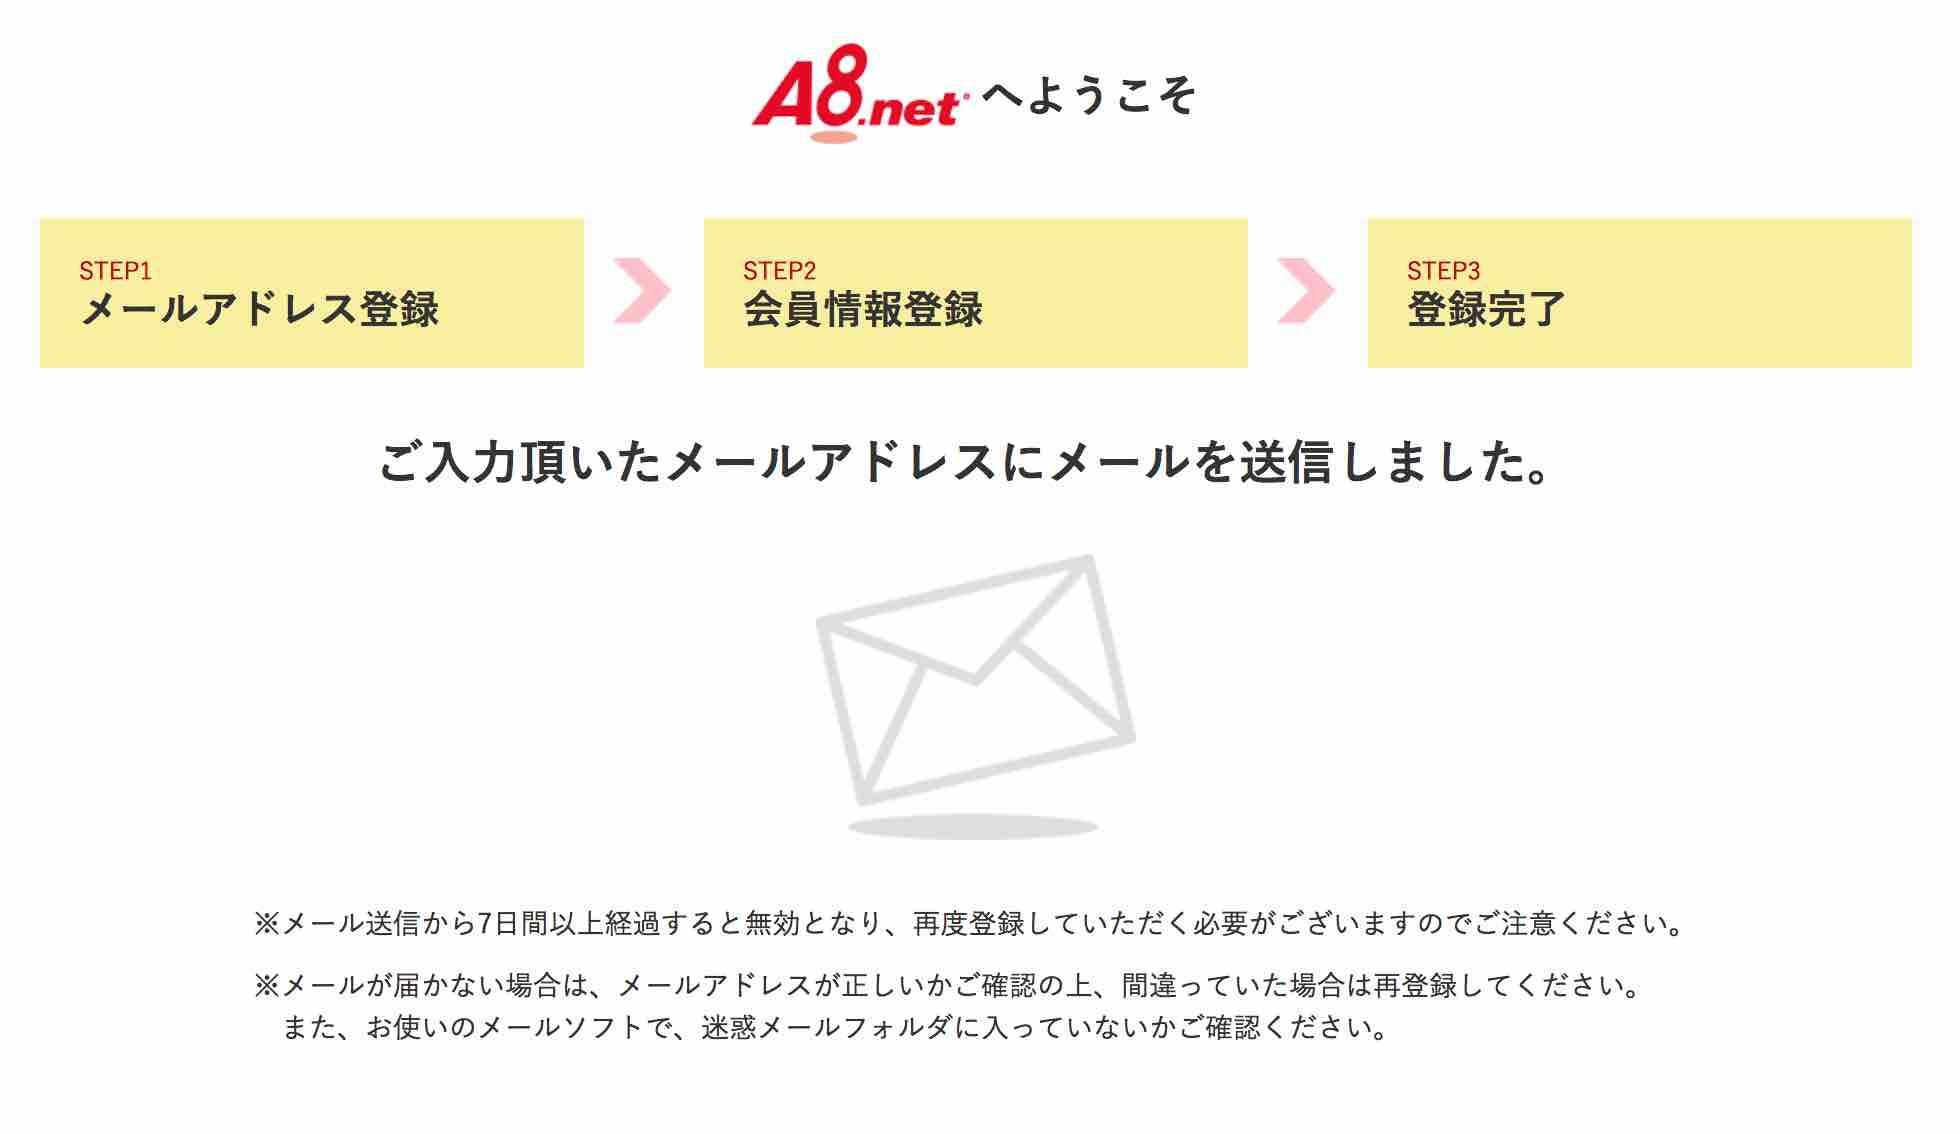 a8.net無料会員登録手順4